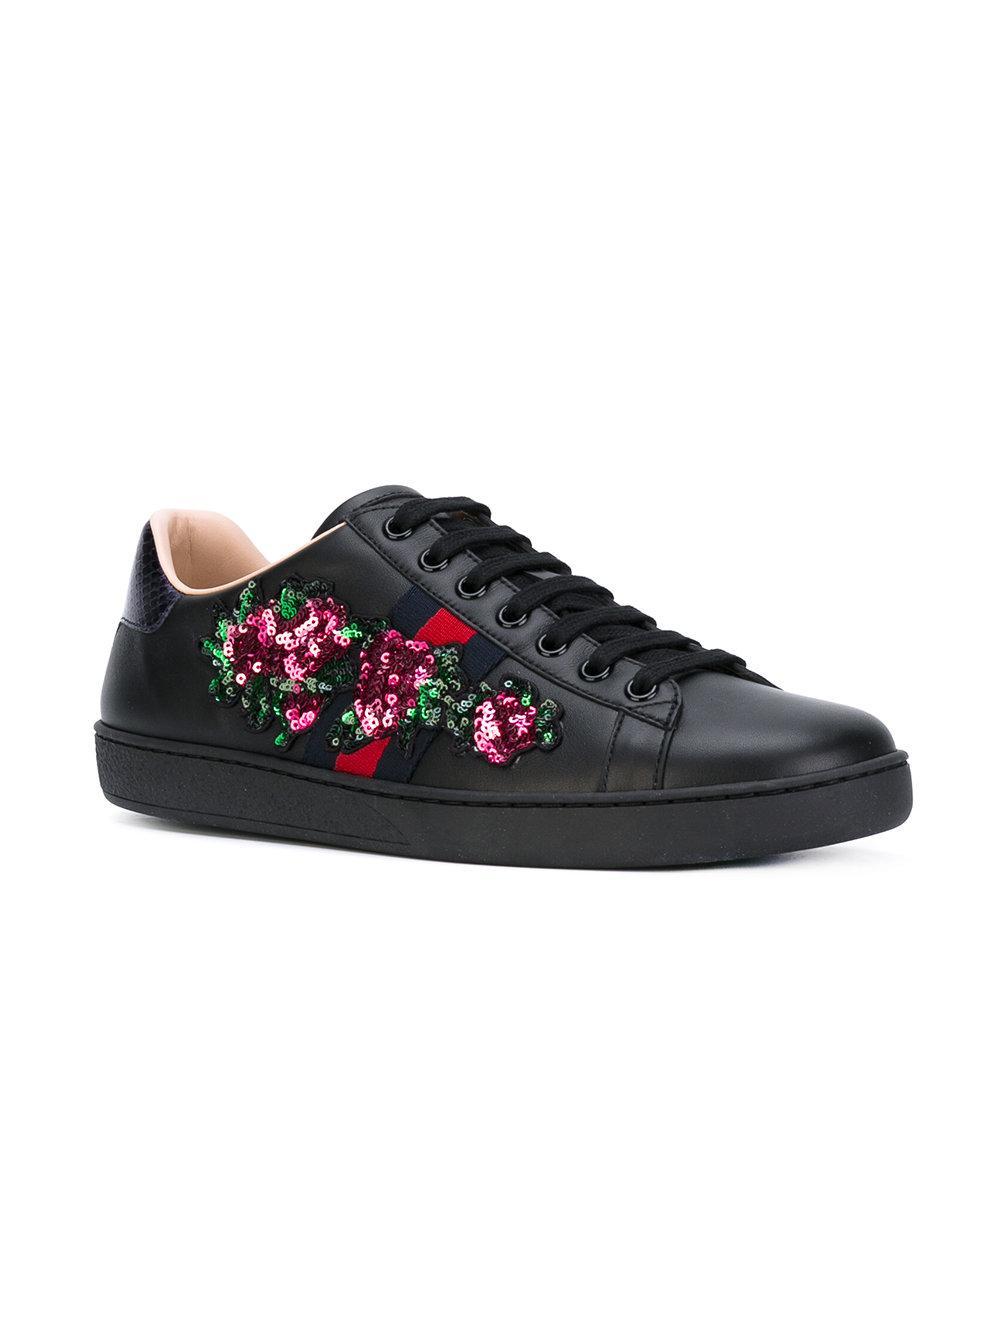 Gucci Shoes Women Floral